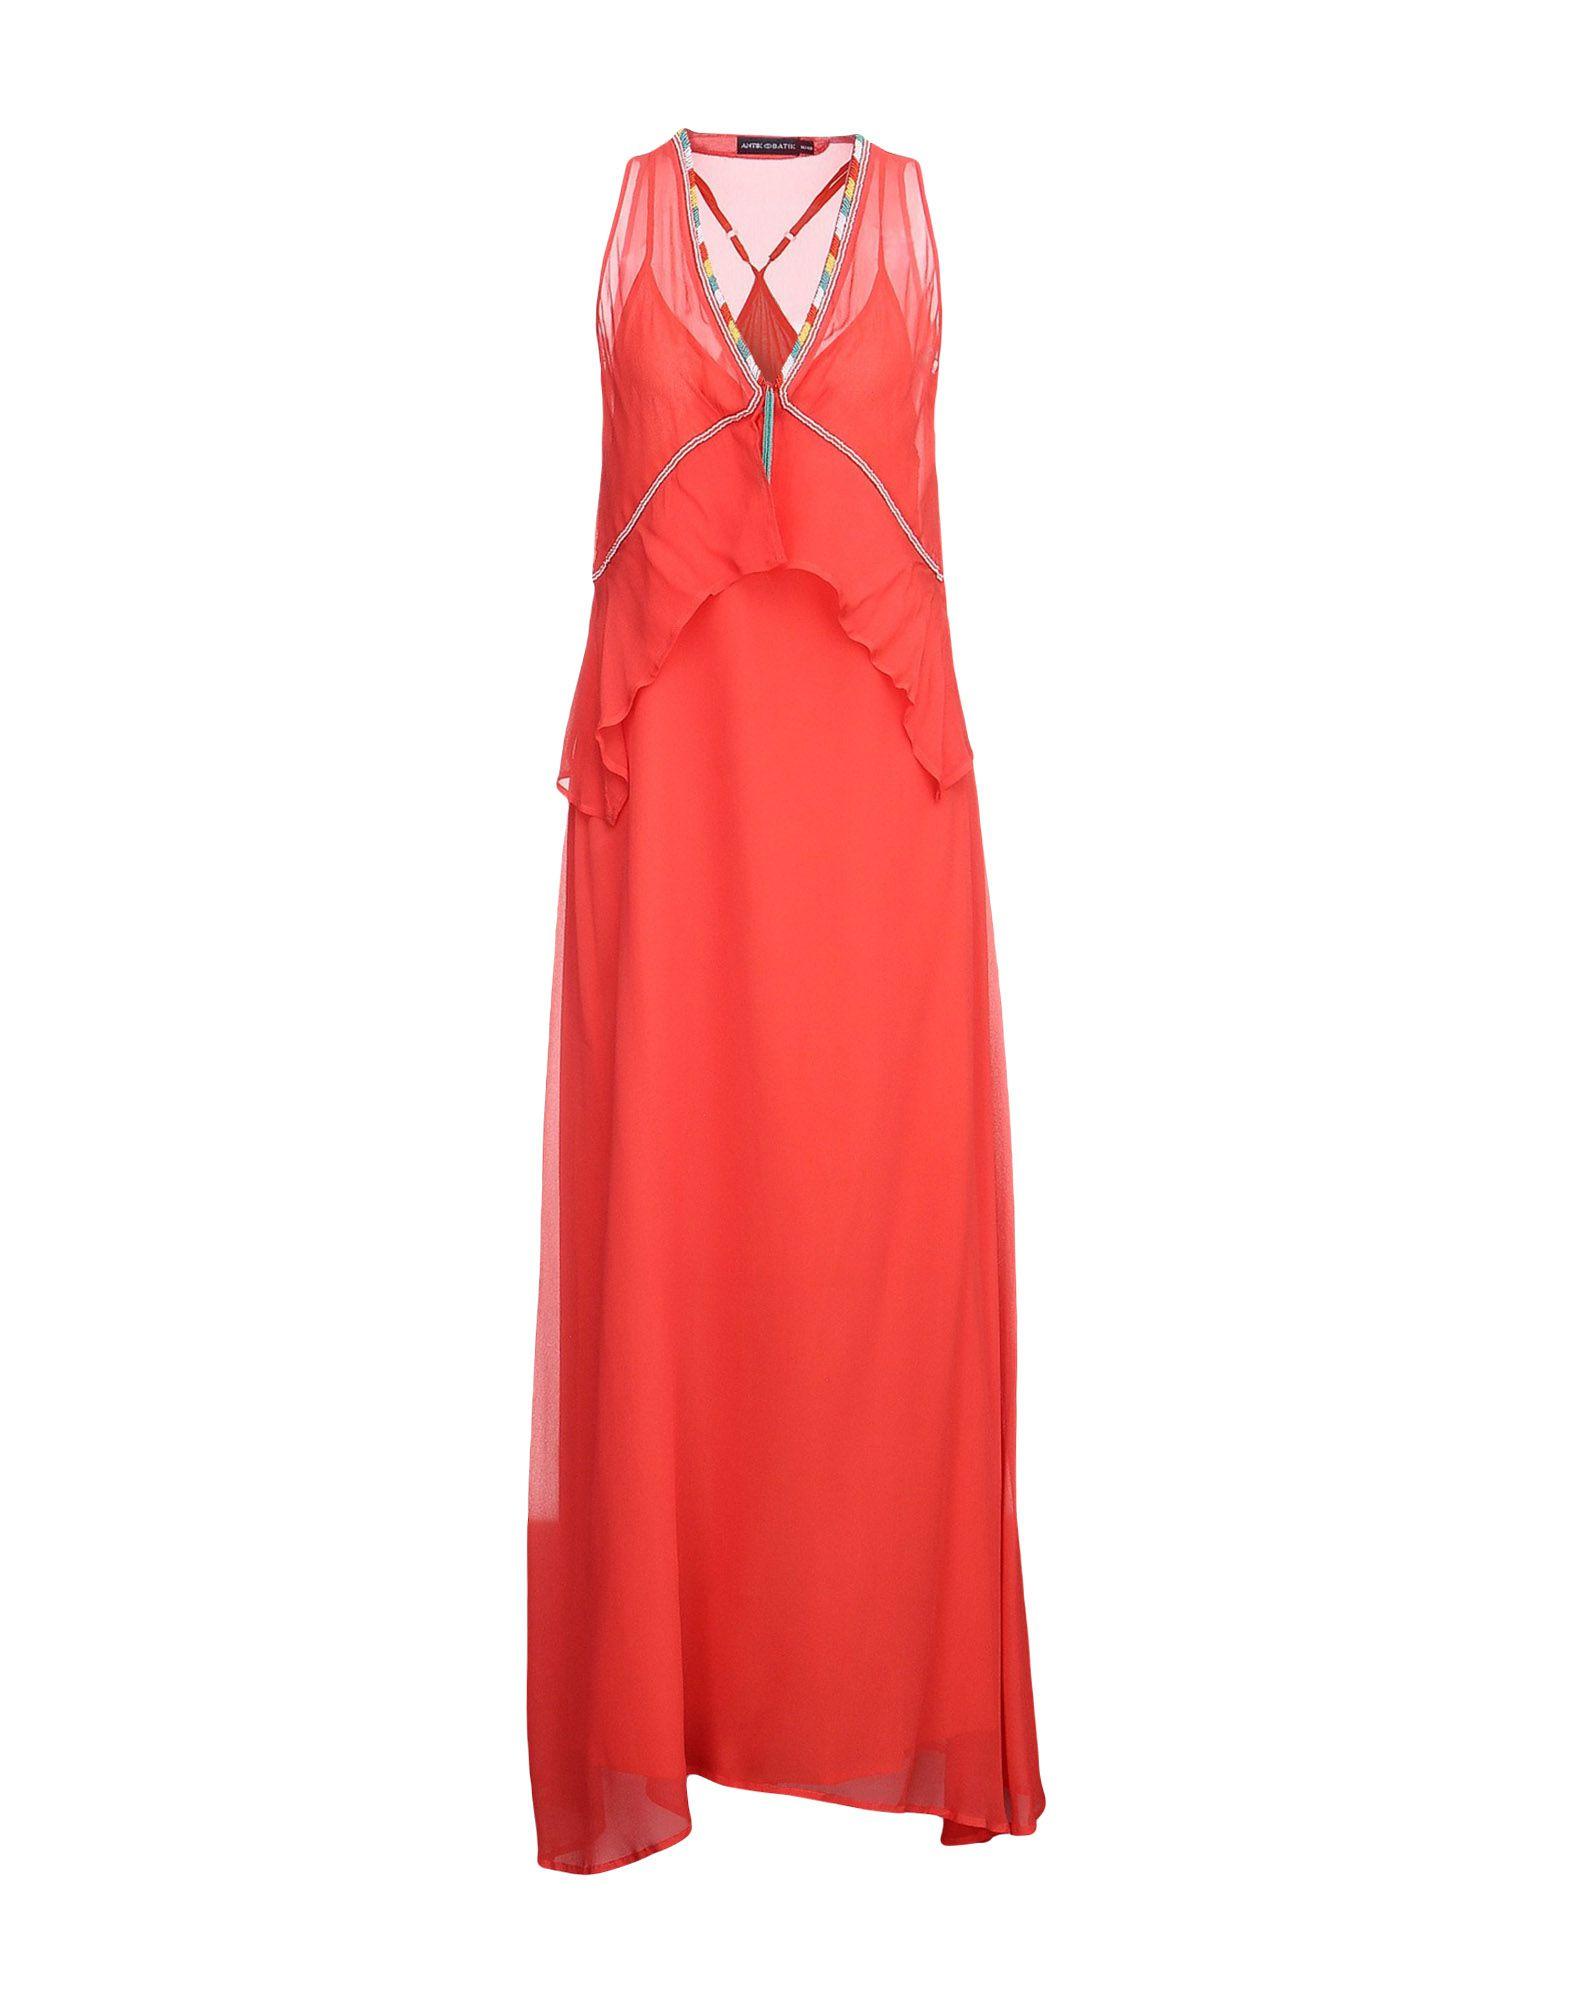 ANTIK BATIK Длинное платье batik batik зимний комплект маруся 350 200гр сиреневый